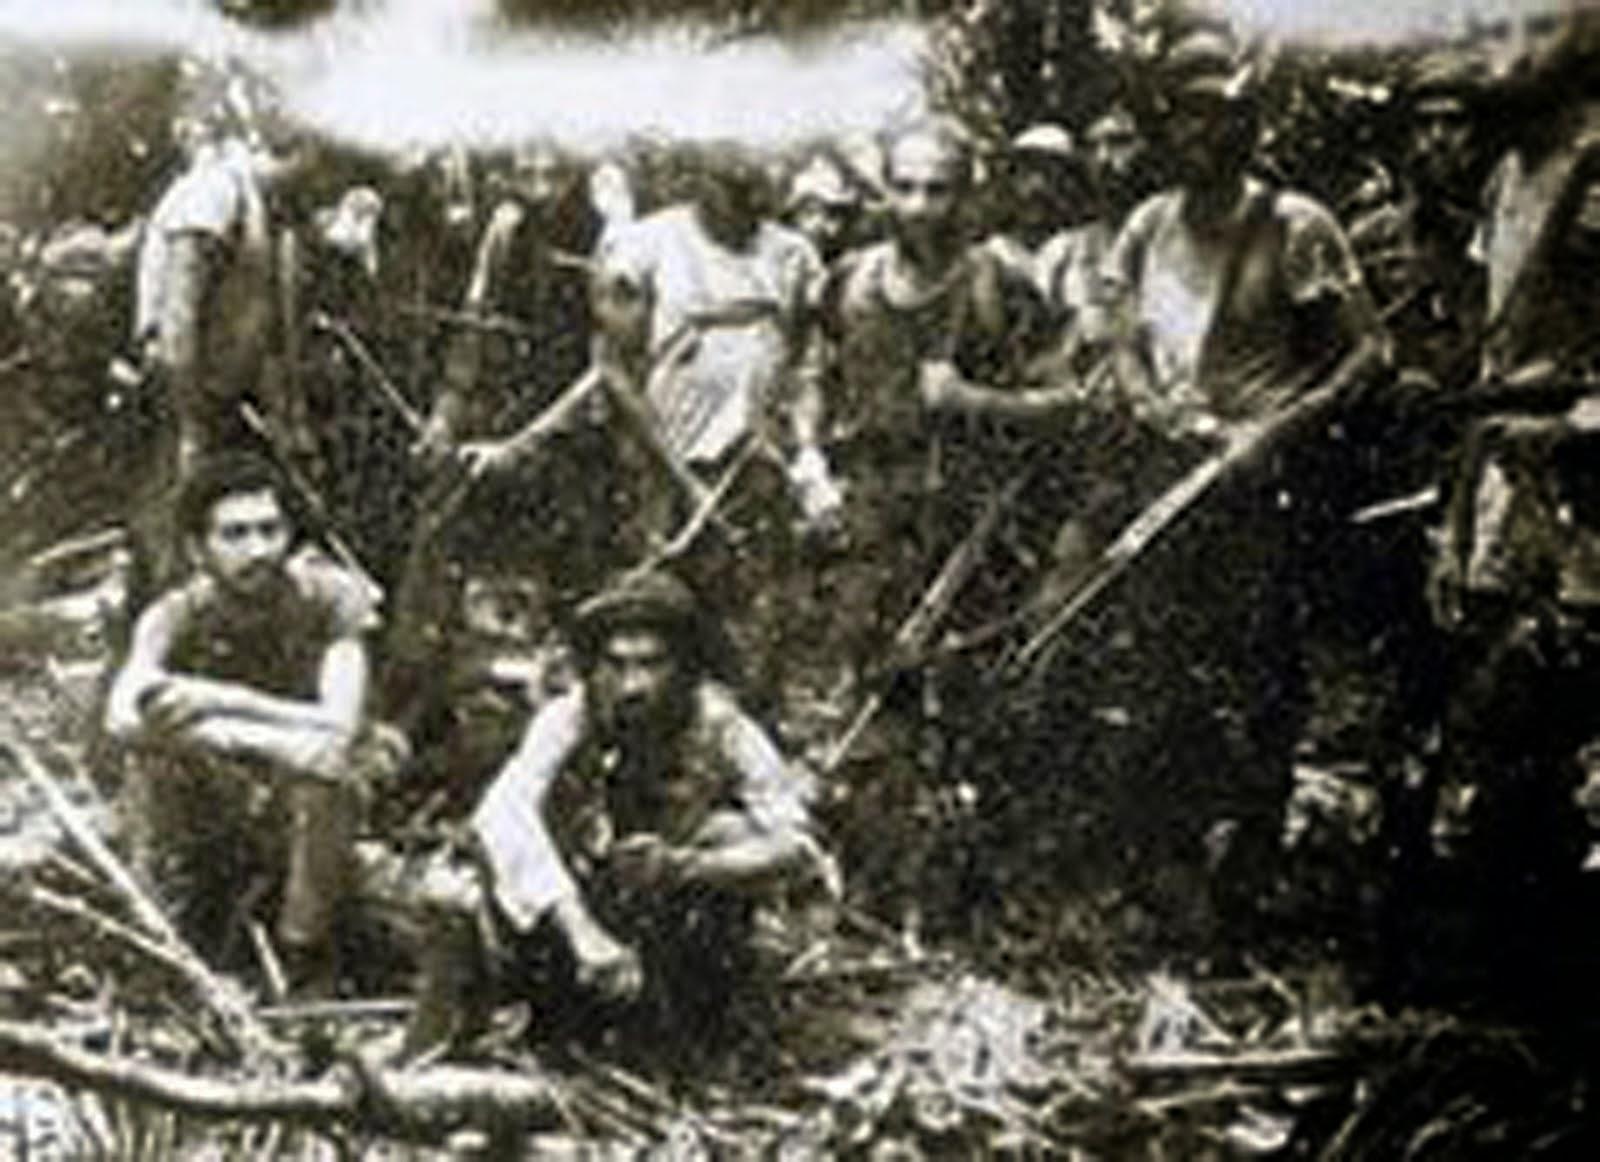 Ant%C3%B4nio%2Bde%2BP%C3%A1dua%2BCosta 1964: O Ano no Qual o Brasil Sangrou